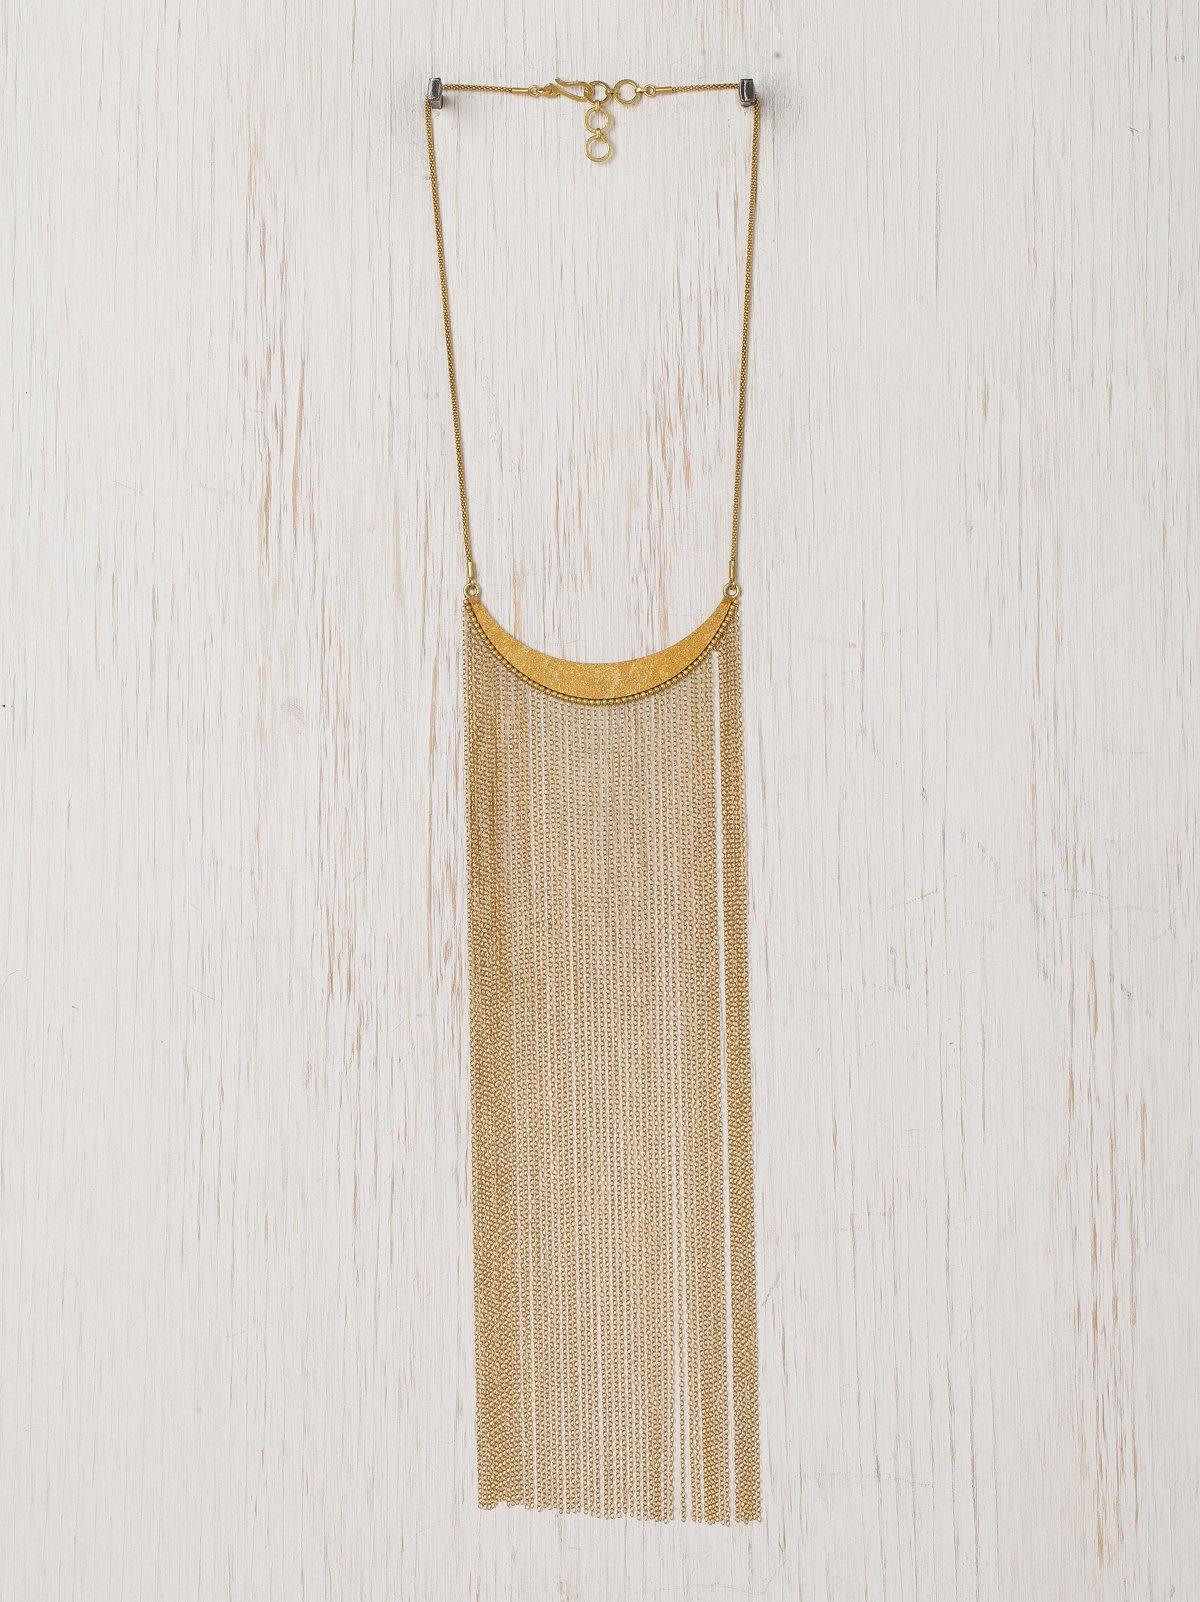 Crest Fringe Necklace